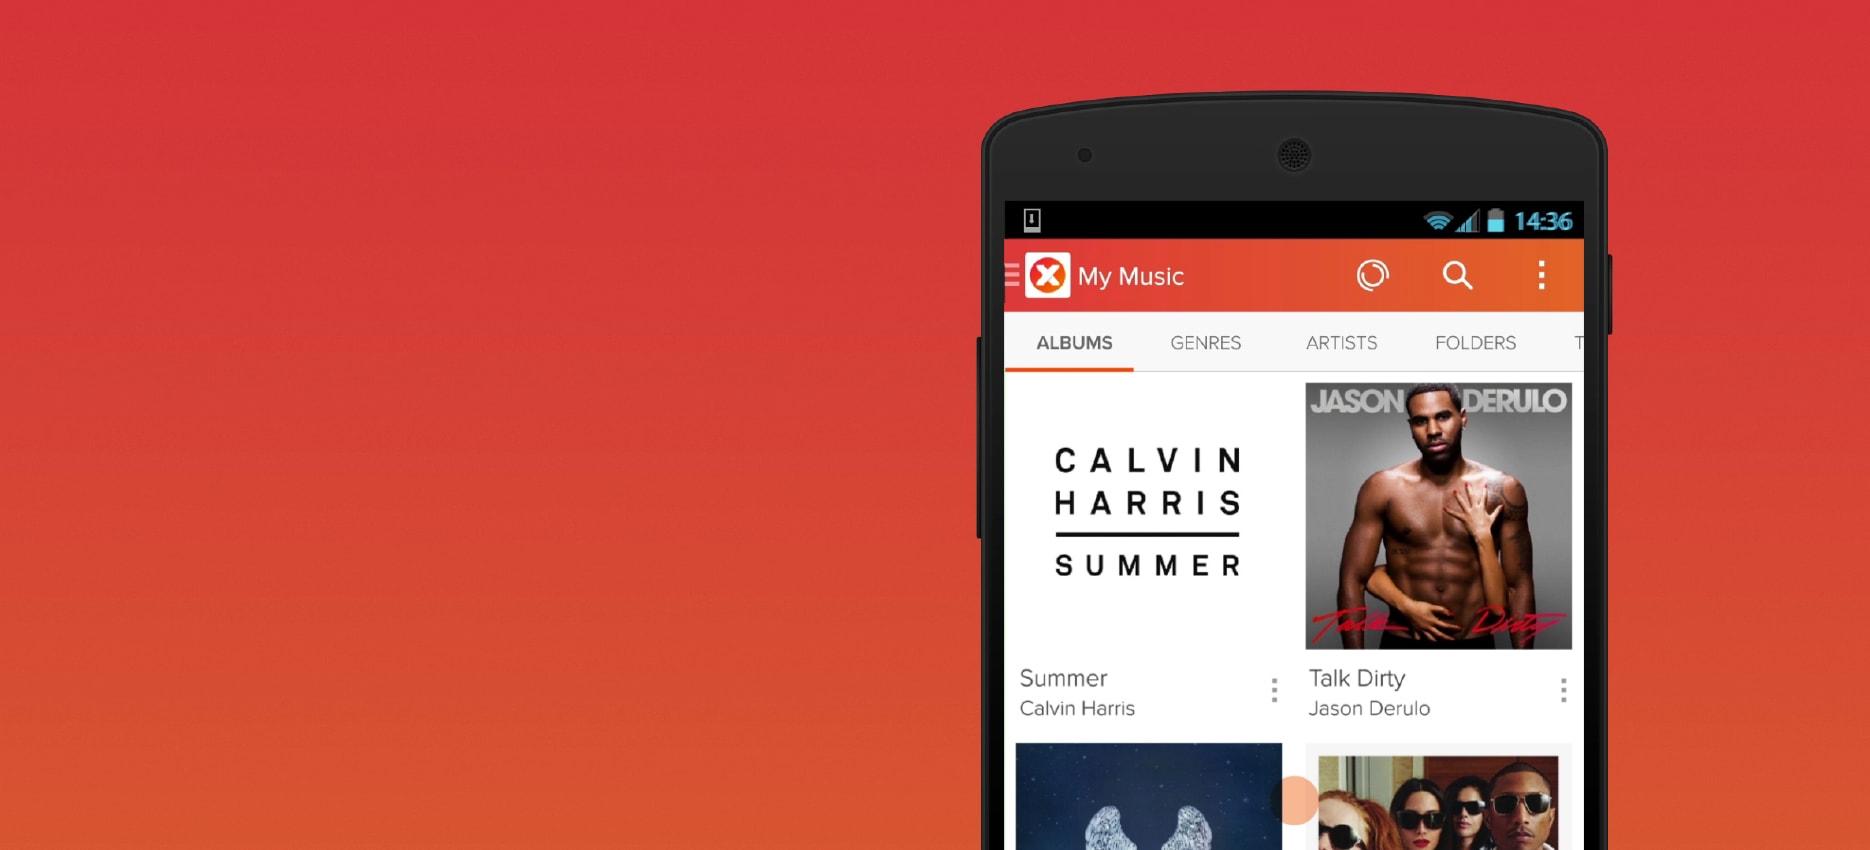 En İyi Android Müzik & Şarkı Bulma Programları 2019